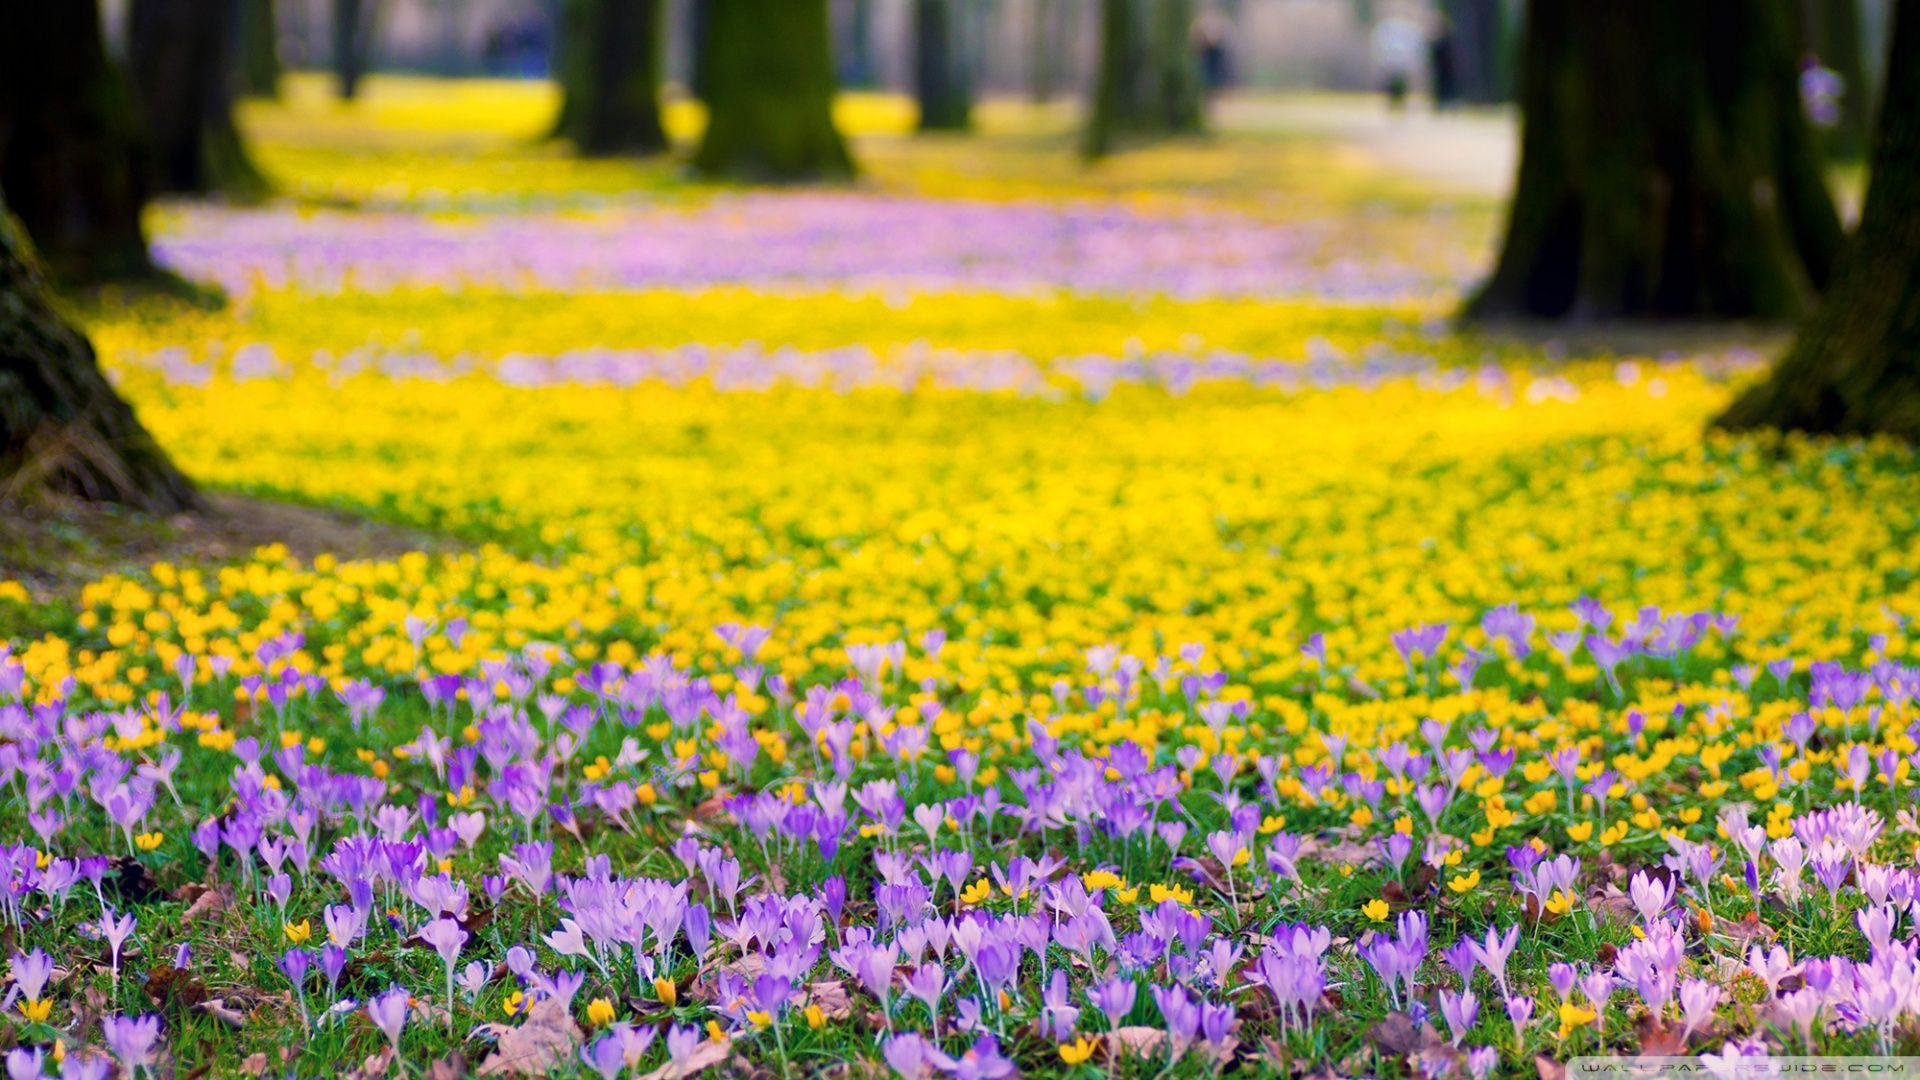 Spring Flowers Meadow Hd Desktop Wallpaper Widescreen High Crocus Flower Blue Flower Wallpaper Crocus